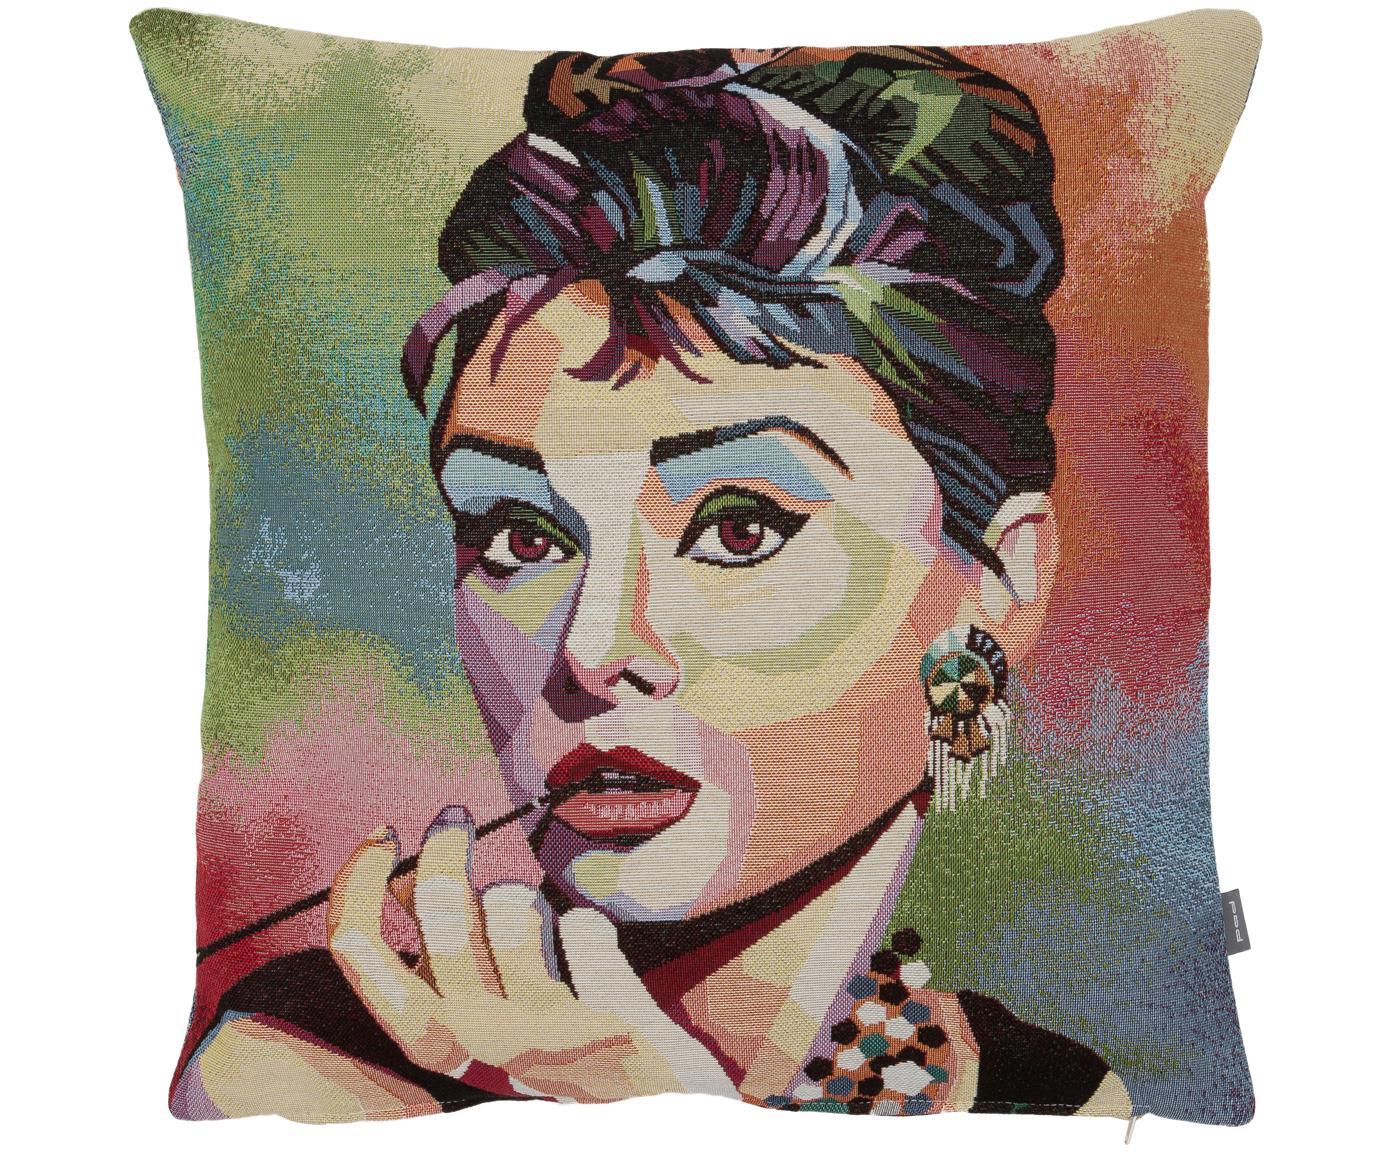 Poszewka na poduszkę Audrey Hepburn, 50% bawełna, 45% poliester, 5%poliakryl, Wielobarwny, S 45 x D 45 cm